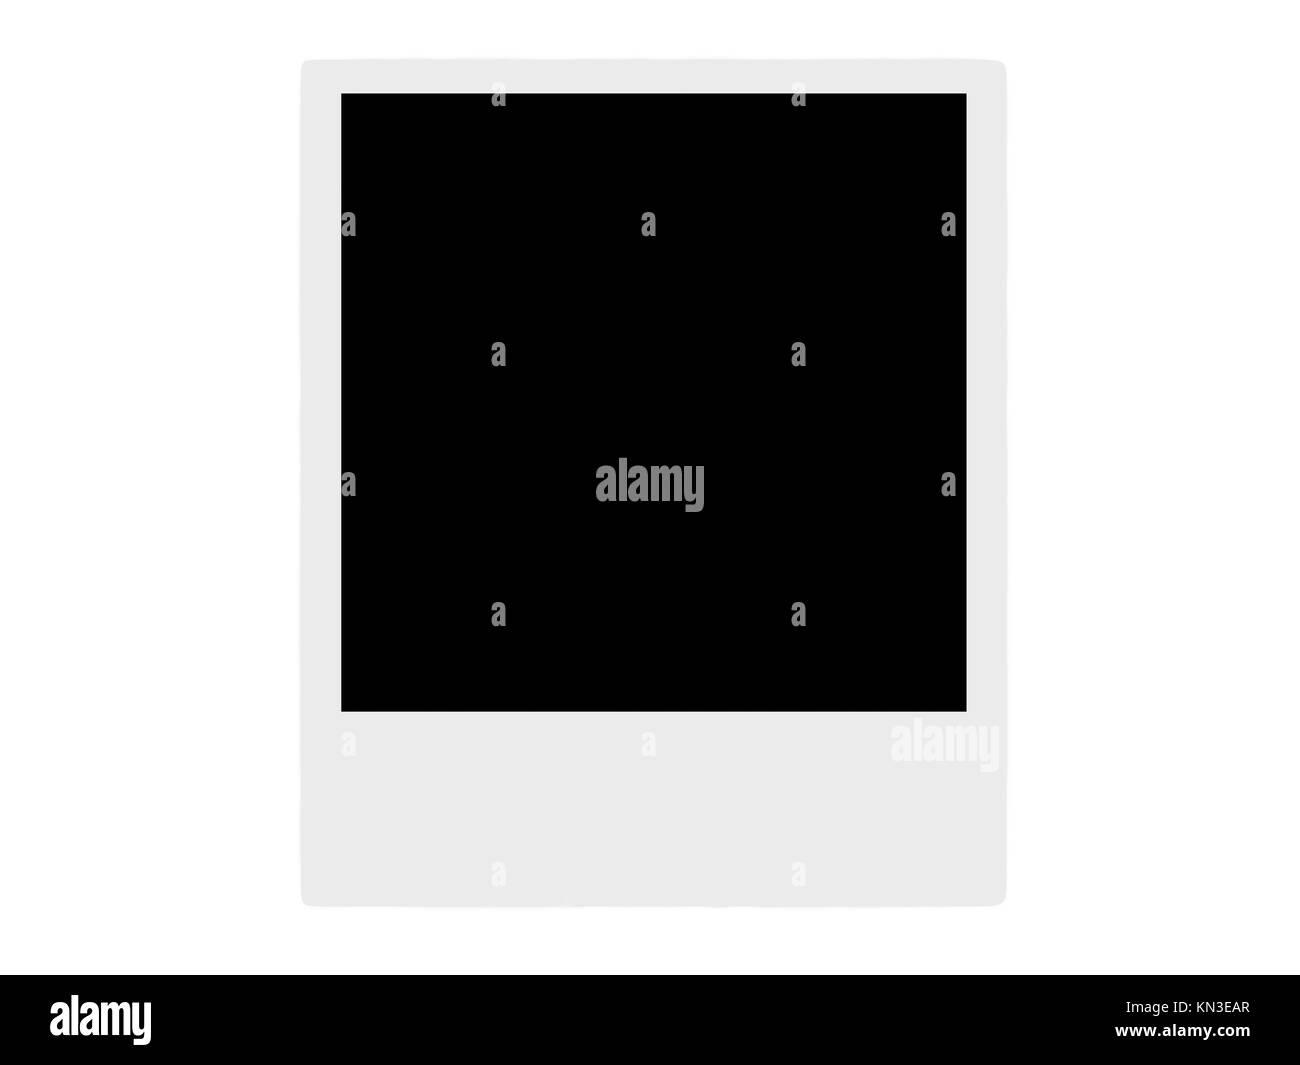 Polaroid Paper Stockfotos & Polaroid Paper Bilder - Seite 3 - Alamy